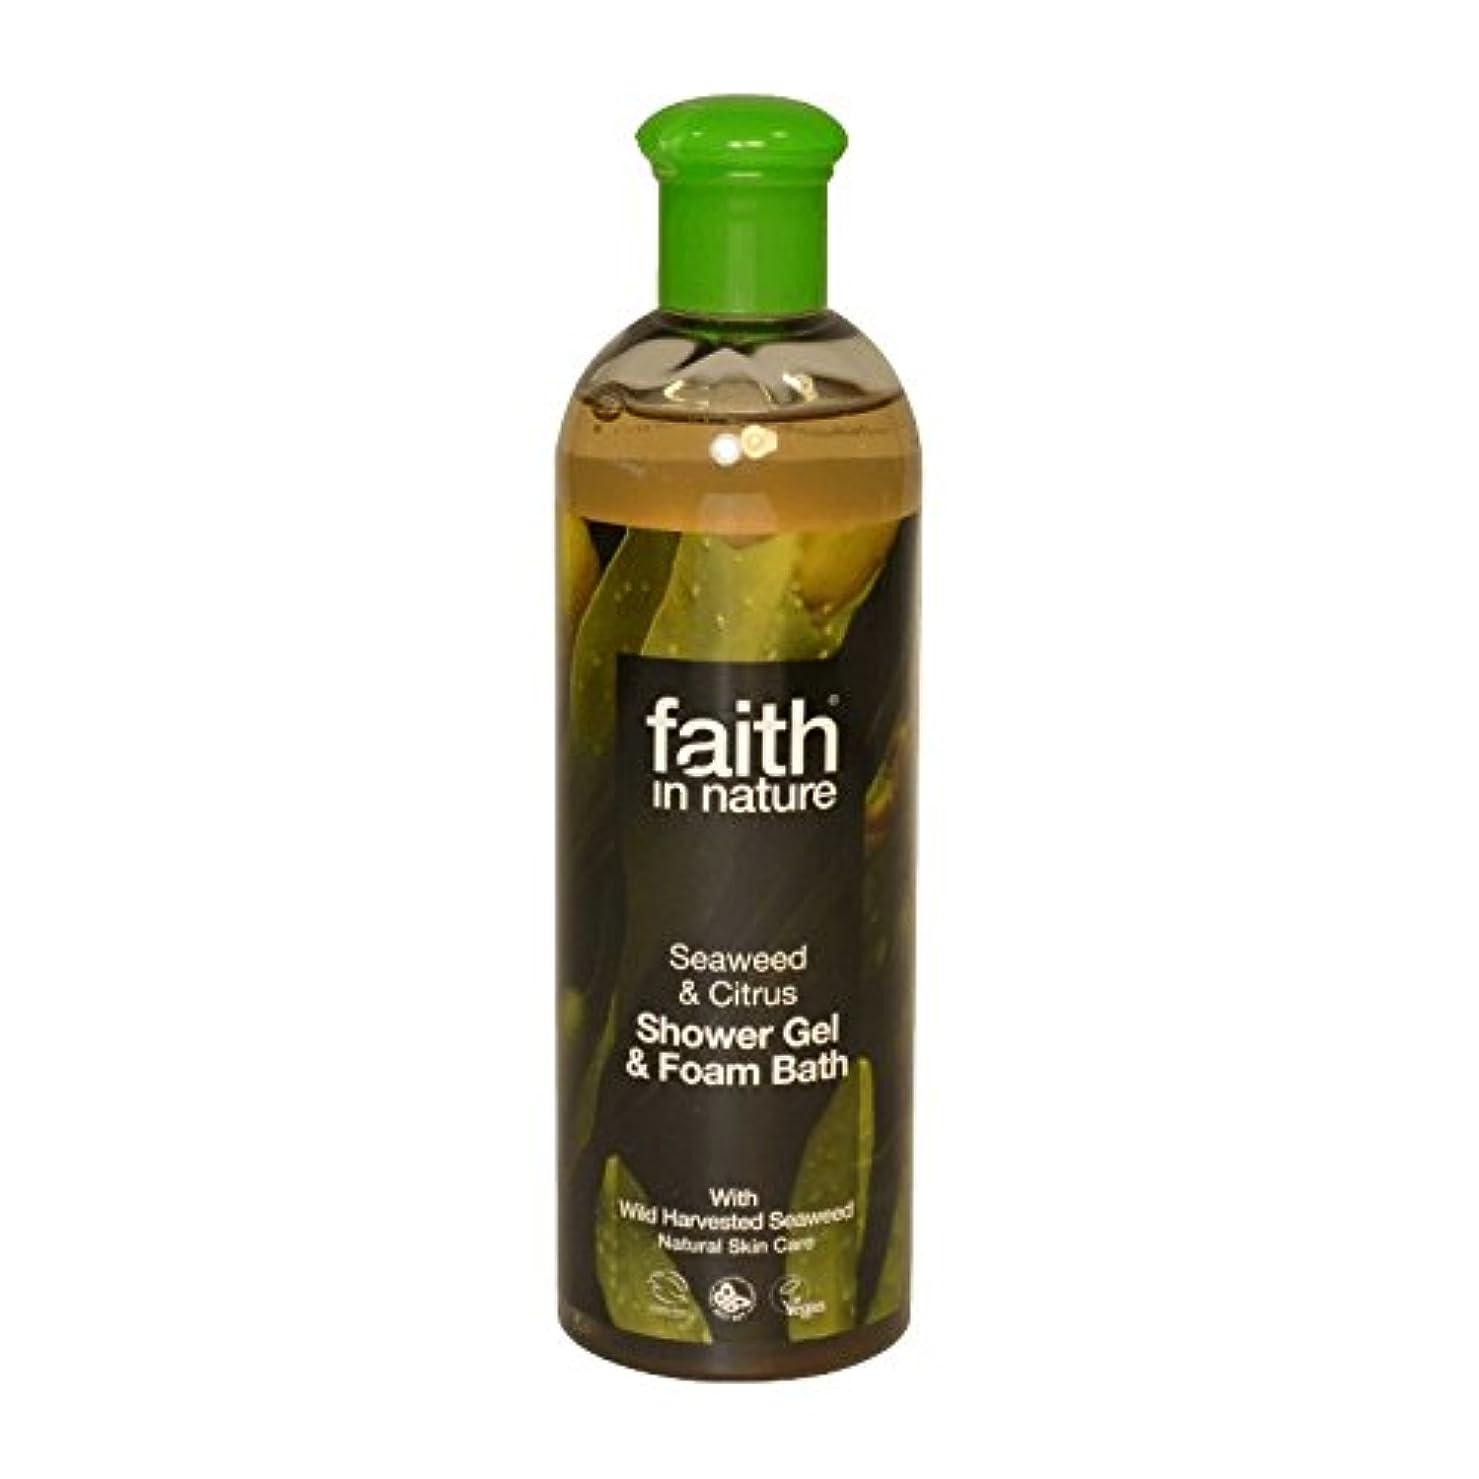 暴力ニックネーム理論Faith in Nature Seaweed & Citrus Shower Gel & Bath Foam 400ml (Pack of 2) - 自然の海藻&シトラスシャワージェル&バス泡400ミリリットルの信仰 (x2) [並行輸入品]